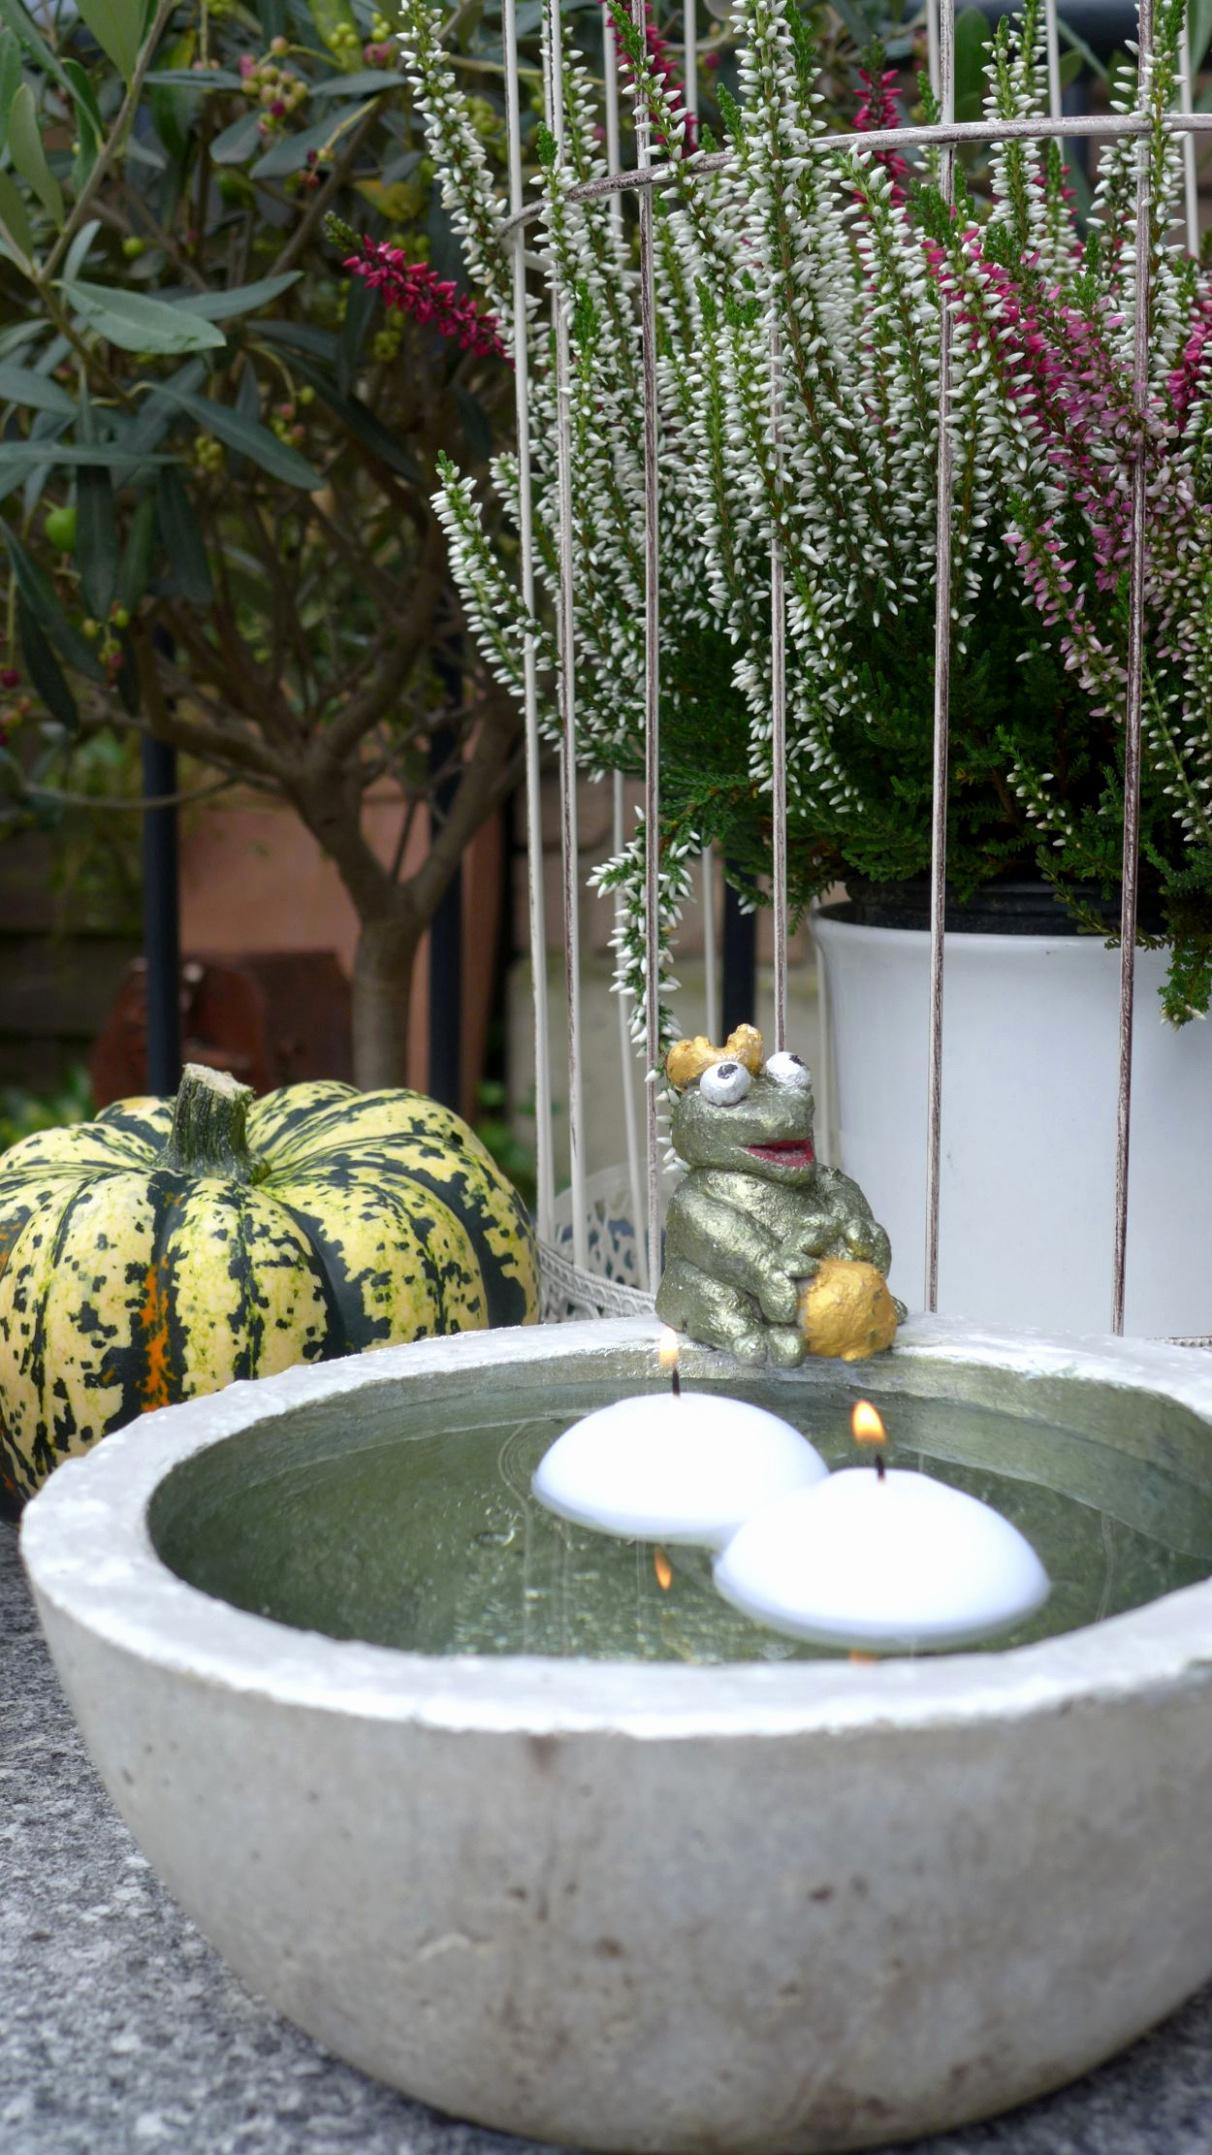 outdoor garden fountains best of zen garten deko elegant zen garten deko einzigartig reddit tennis of outdoor garden fountains